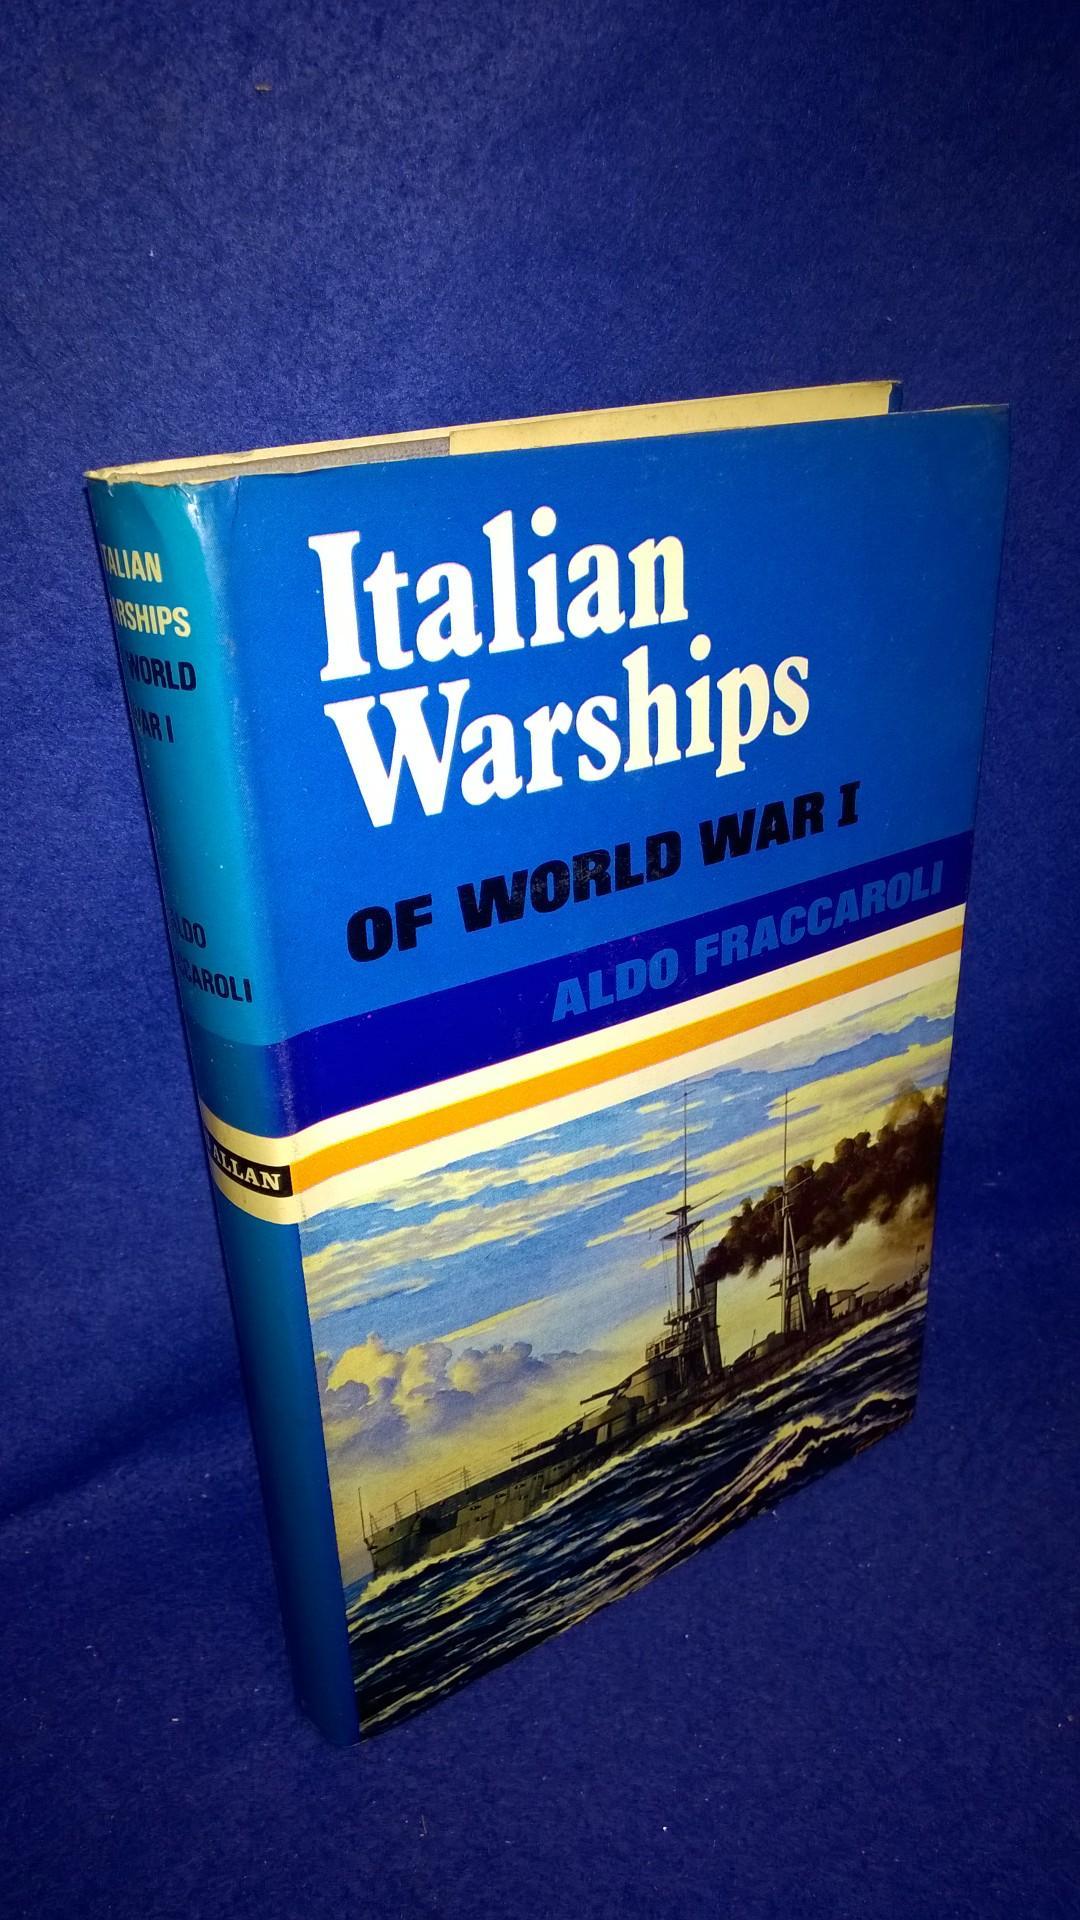 Italian Warships of World War II.